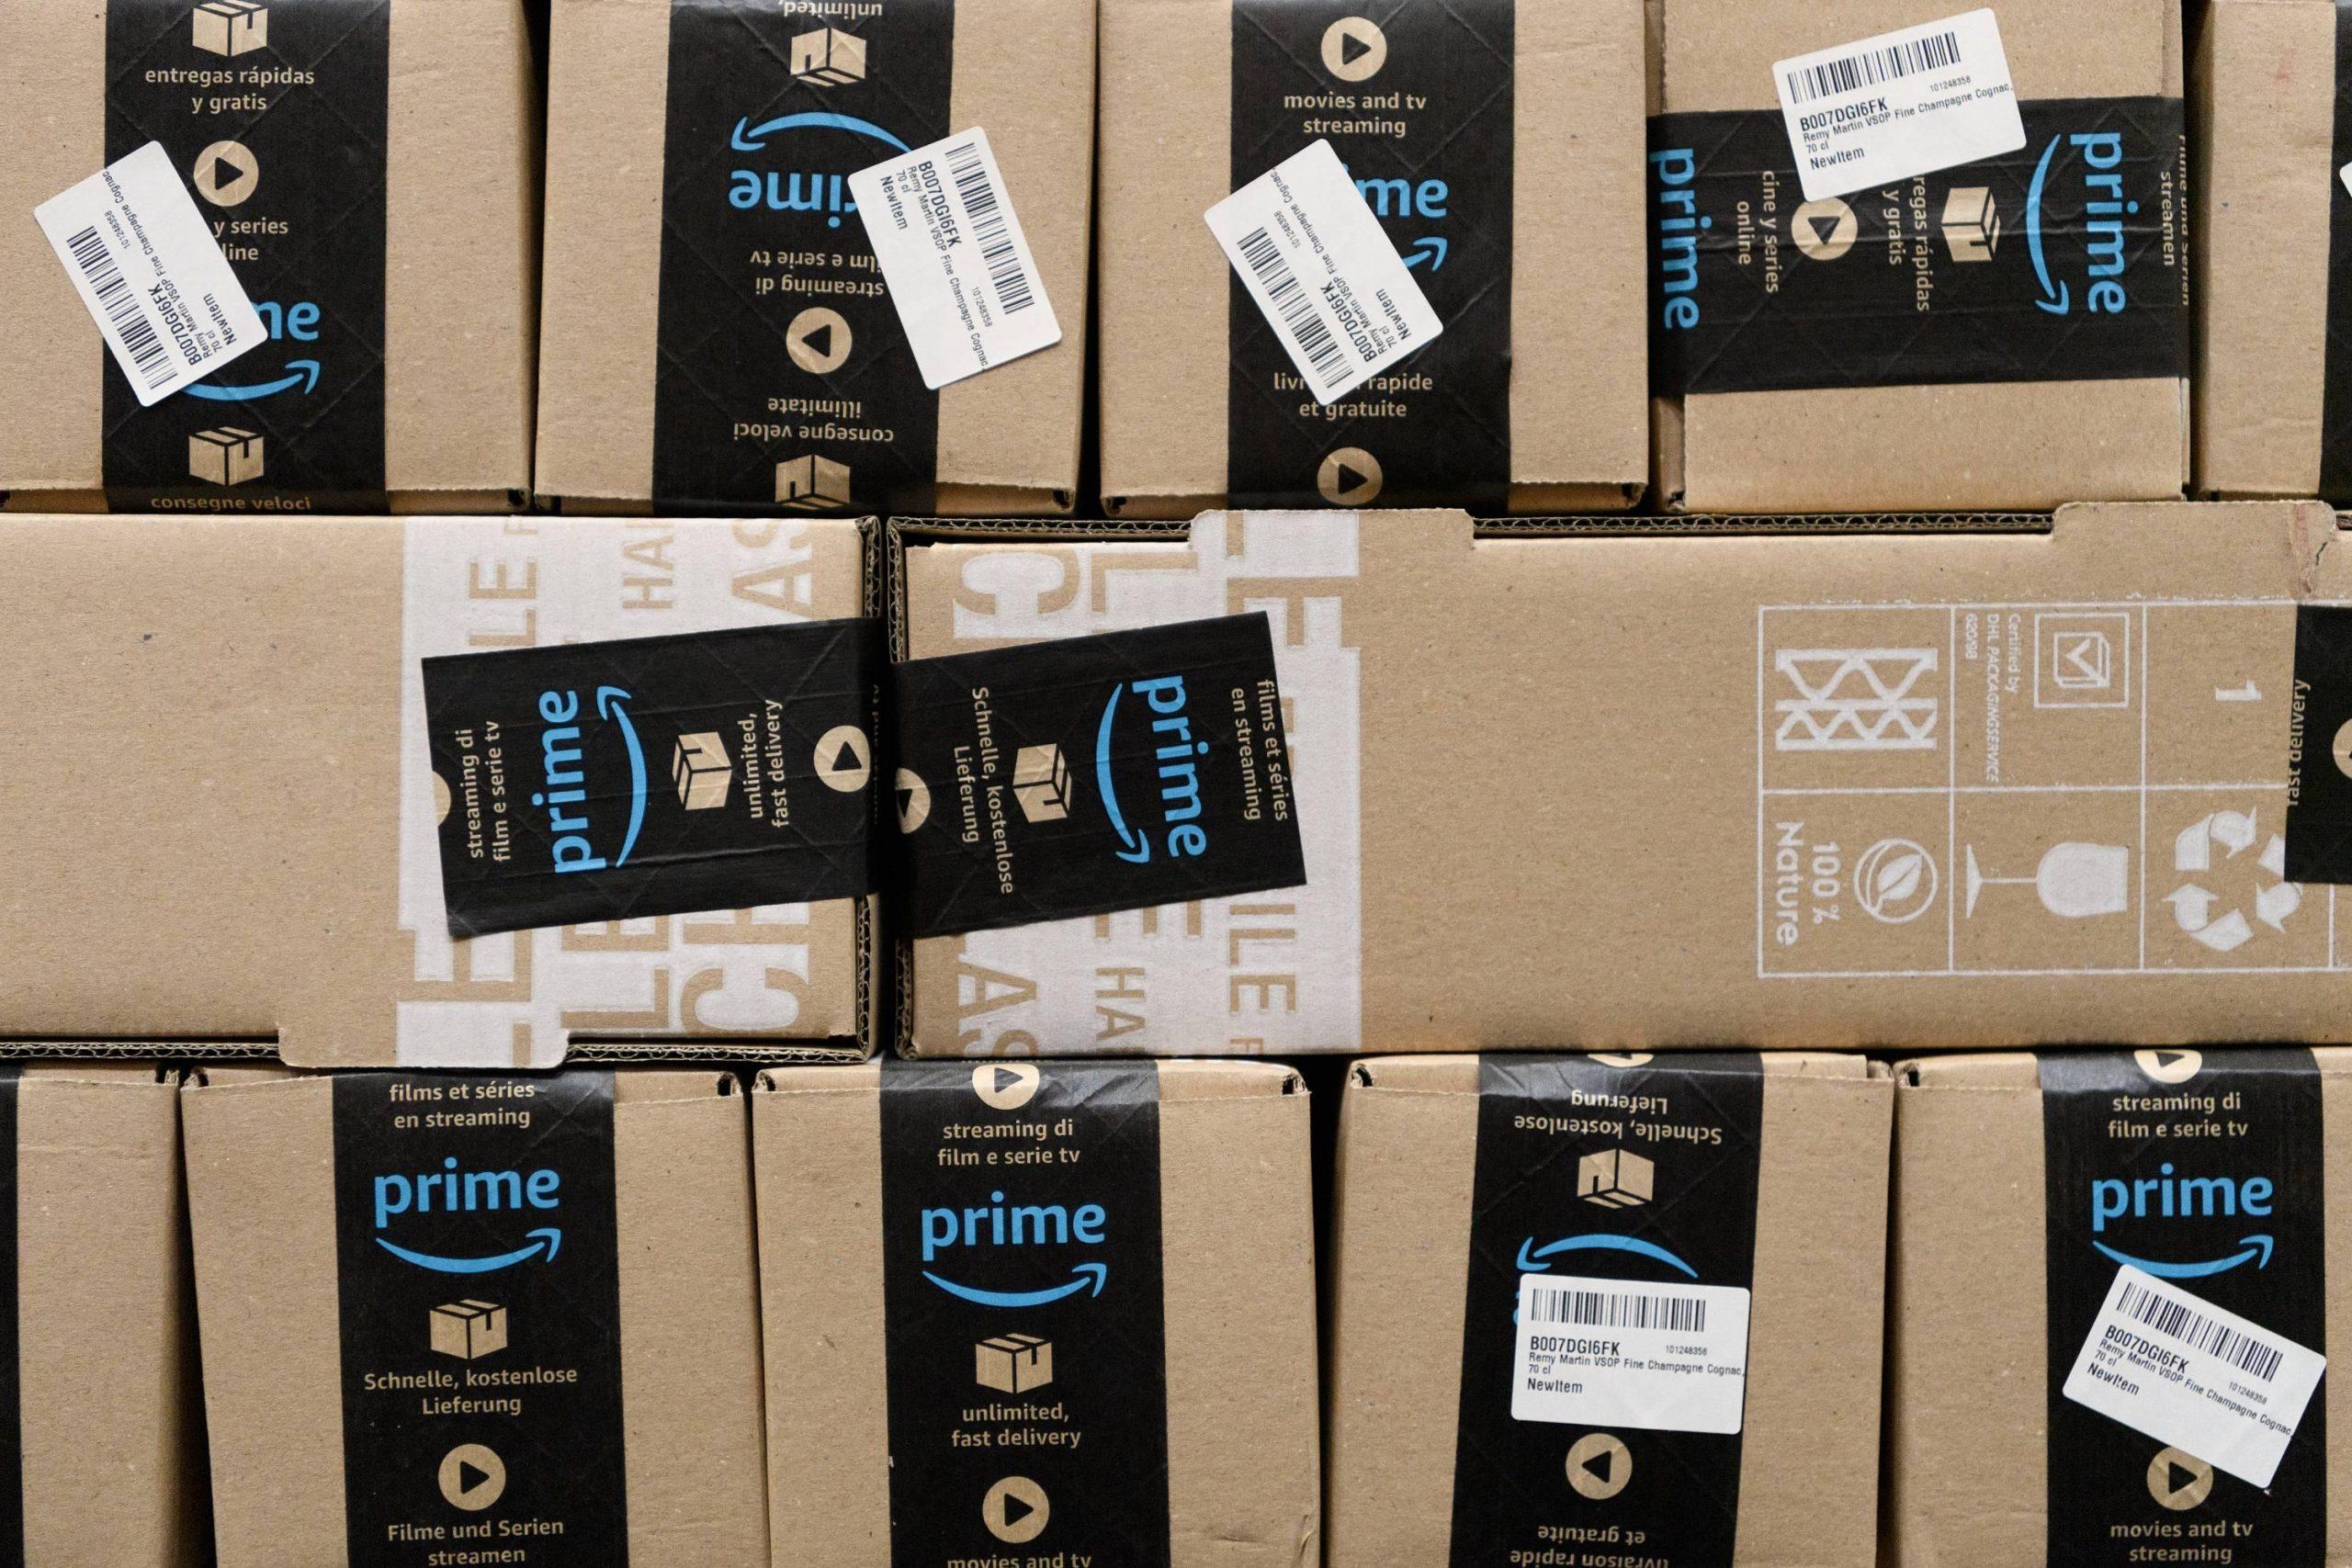 亚马逊创新-73515-prime